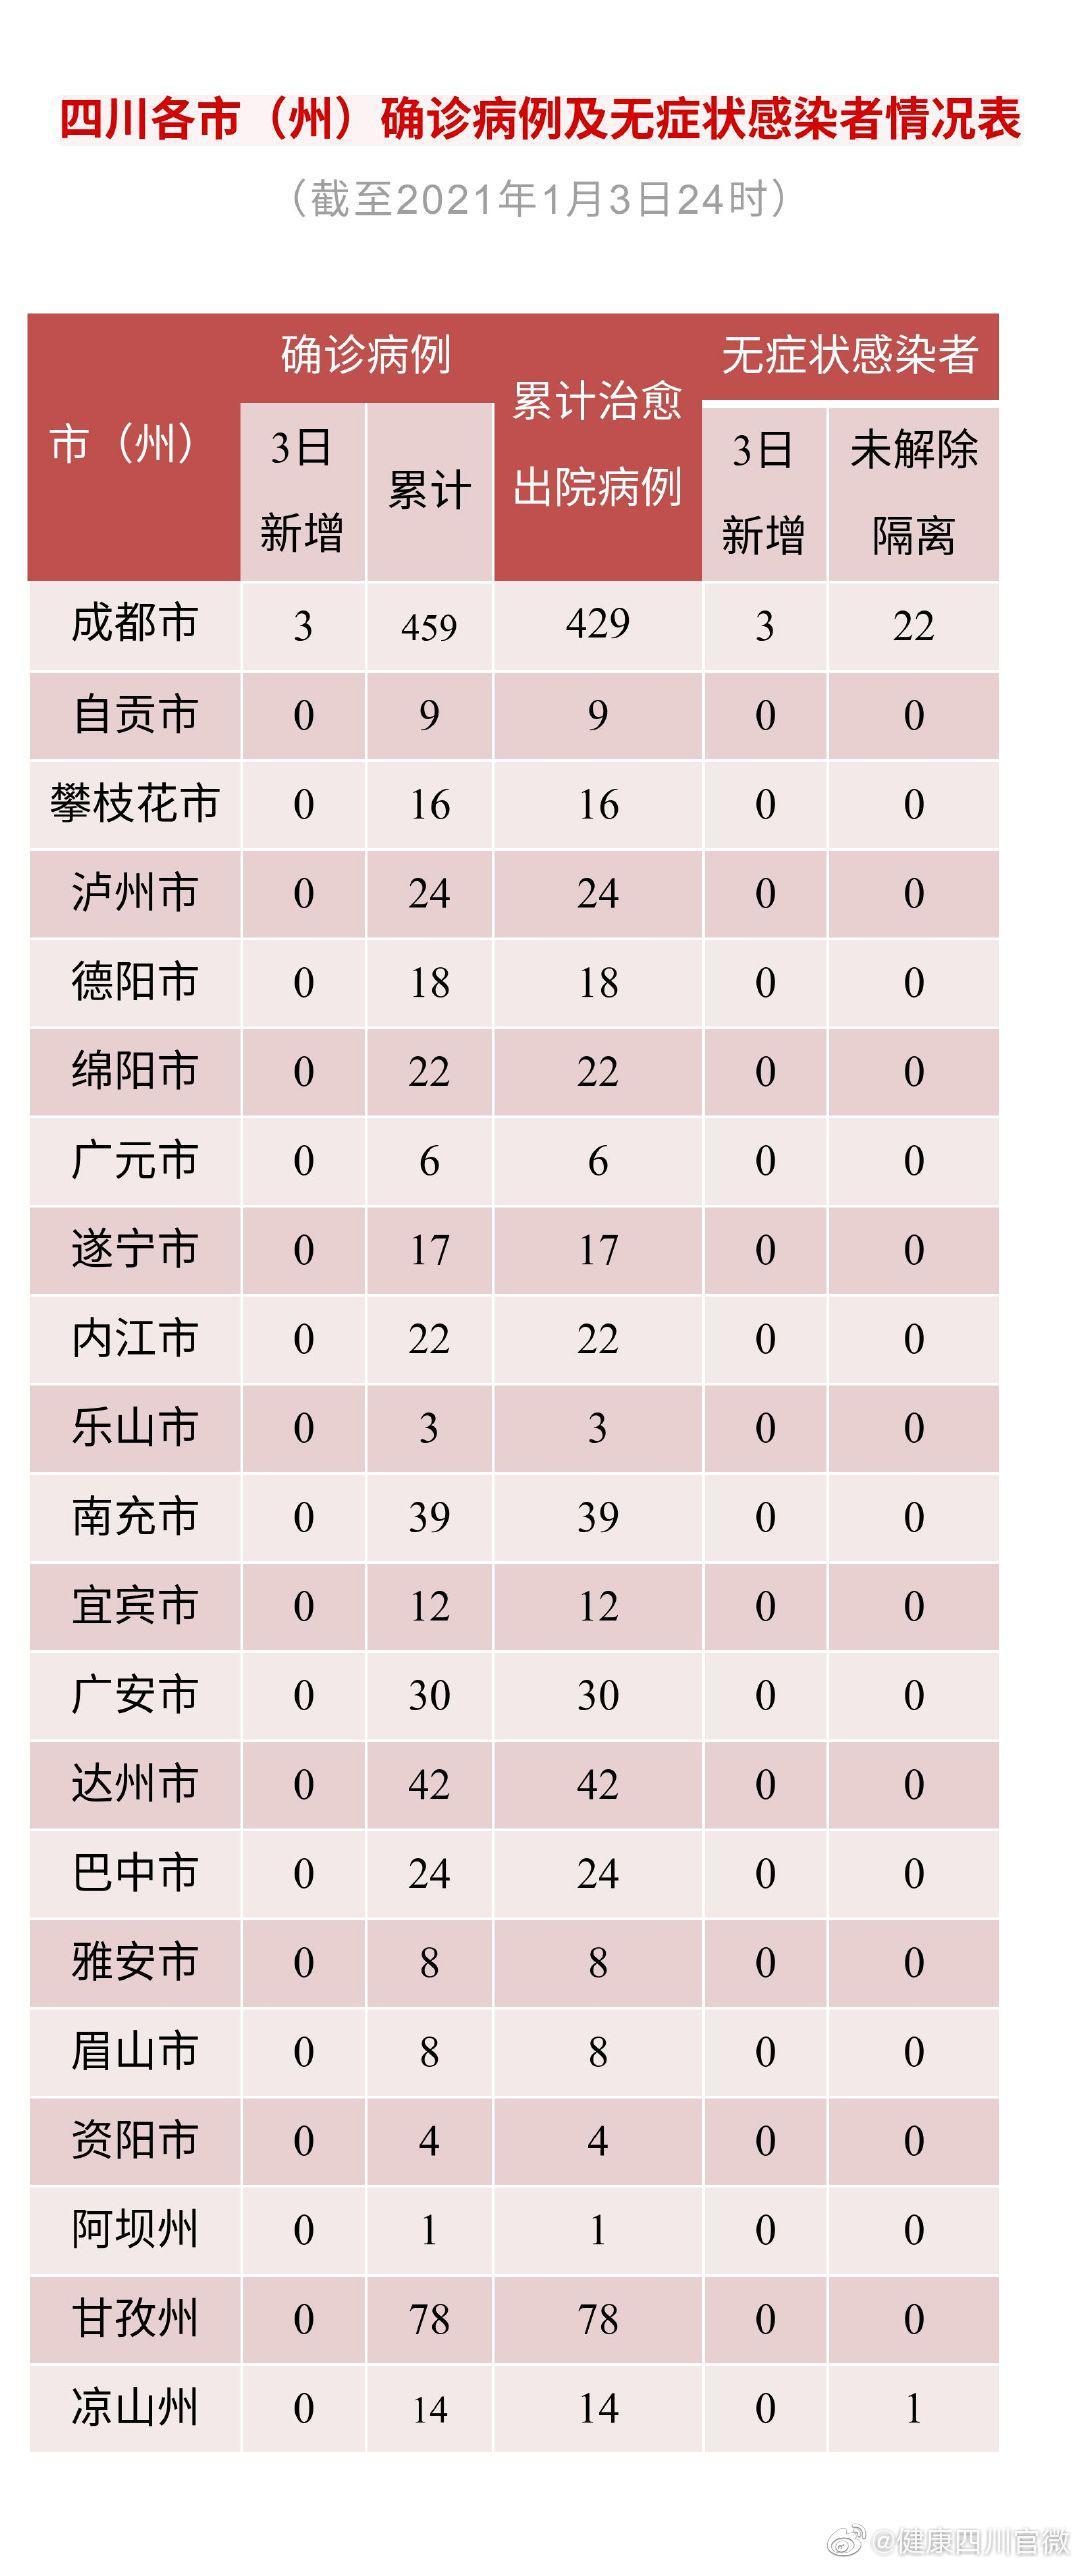 四川新增新型冠狀病毒肺炎確診病例3例